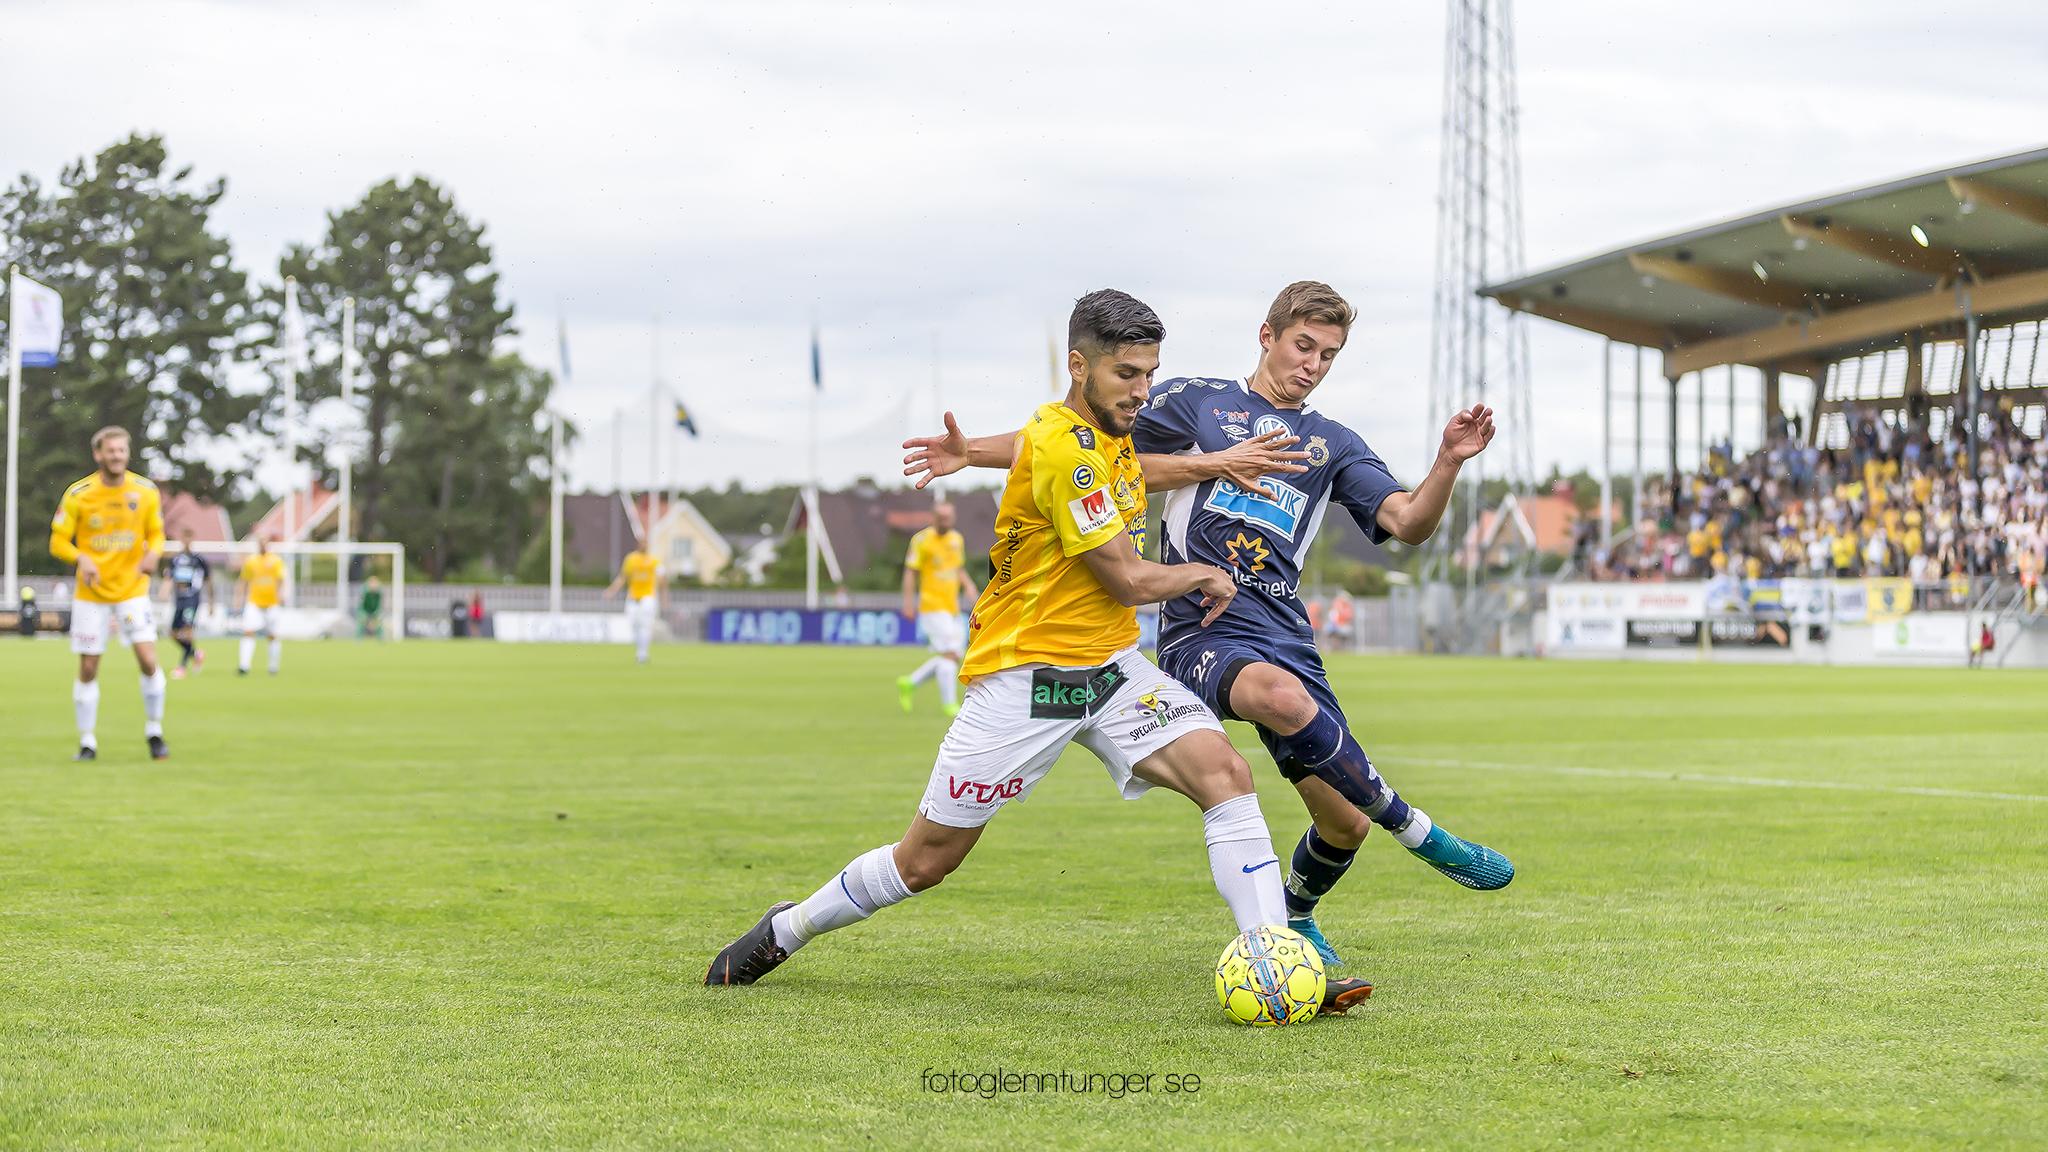 U21: Knapp förlust i Özens comeback